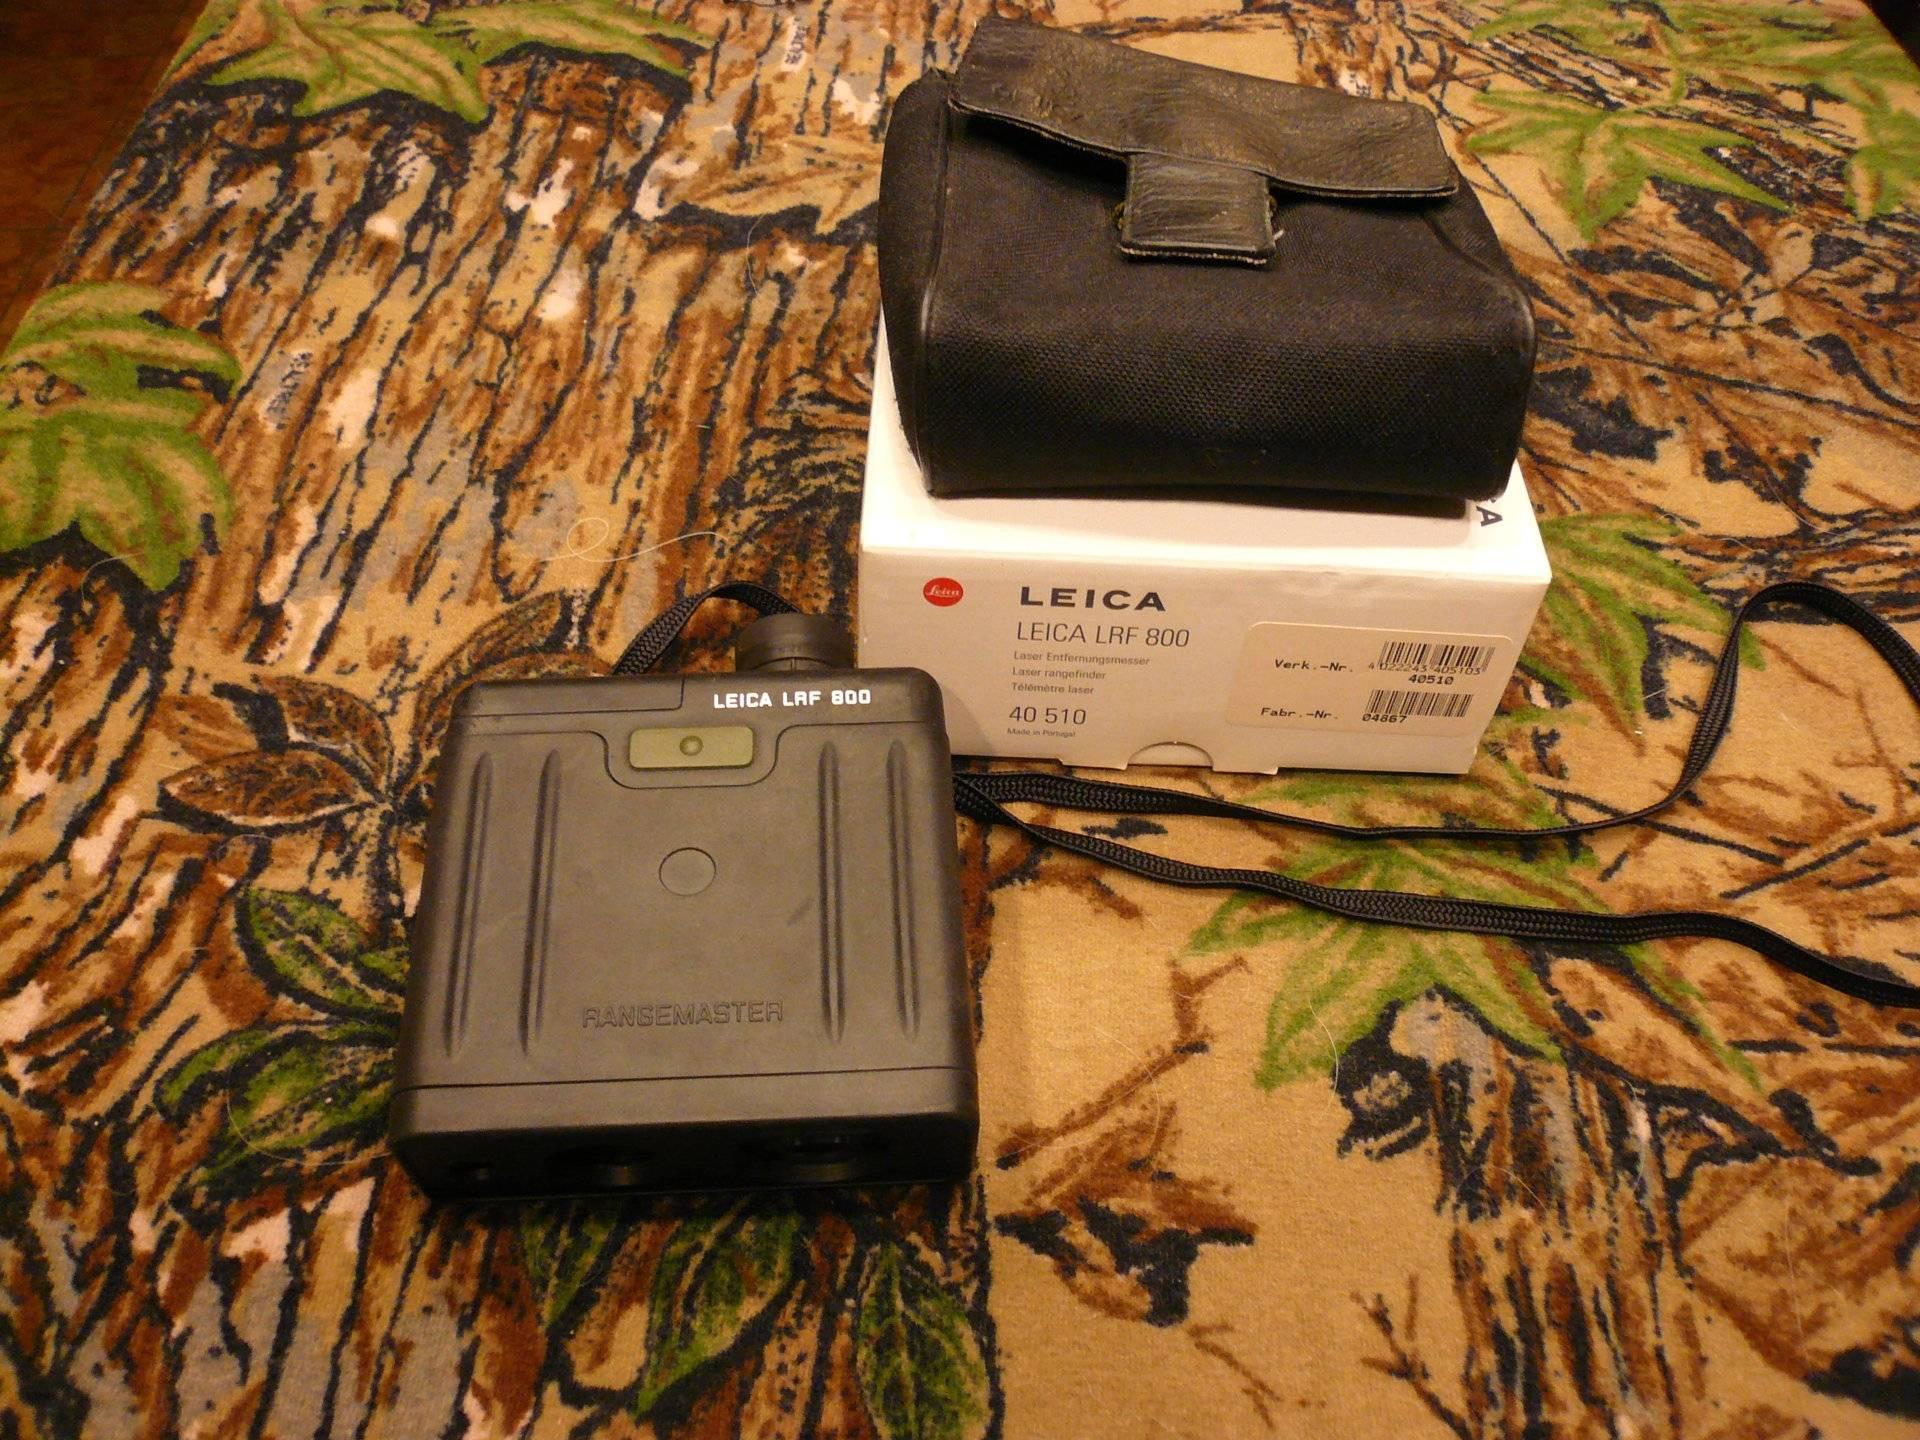 Leica Lrf 800 Rangemaster Entfernungsmesser : Leica lrf 800 rangefinder fore sale bloodydecks